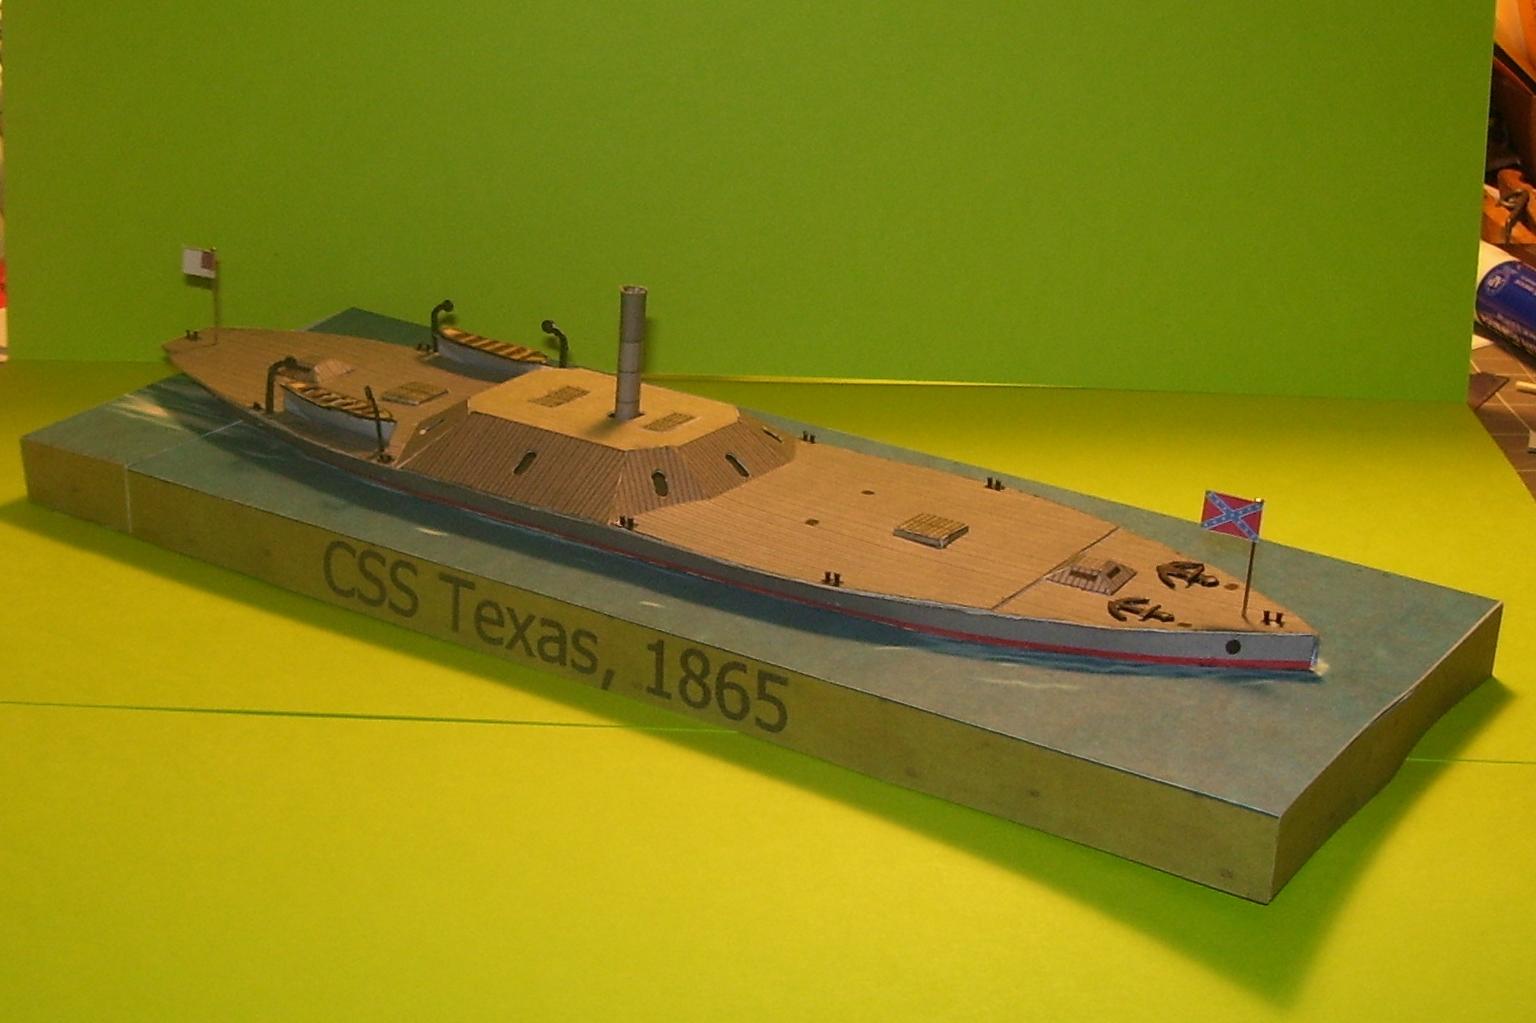 http://2.bp.blogspot.com/-OpkQqMZU3yk/TZicI4hH47I/AAAAAAAAA3c/itJKSxLHLK8/s1600/CSS+Texas+Model+006.JPG